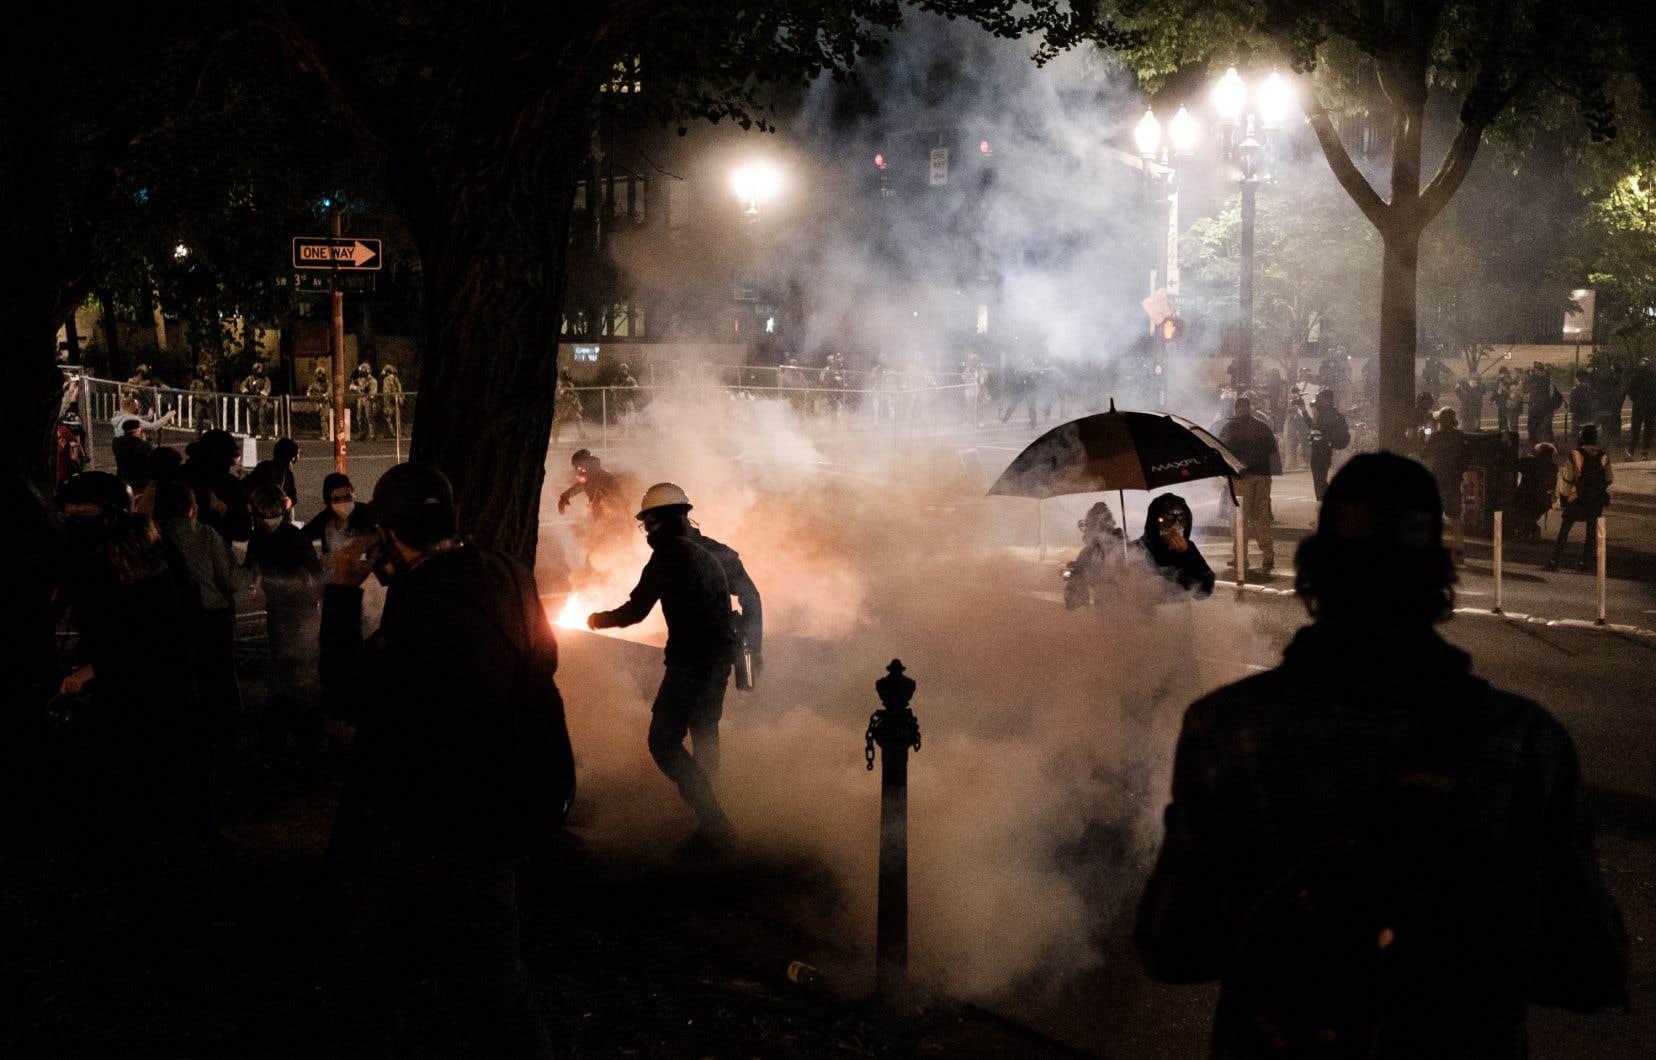 Les rassemblements,parmi lesquels celui de la nuit de samedi à dimanche, sont régulièrement dispersés à coups de gaz lacrymogène.